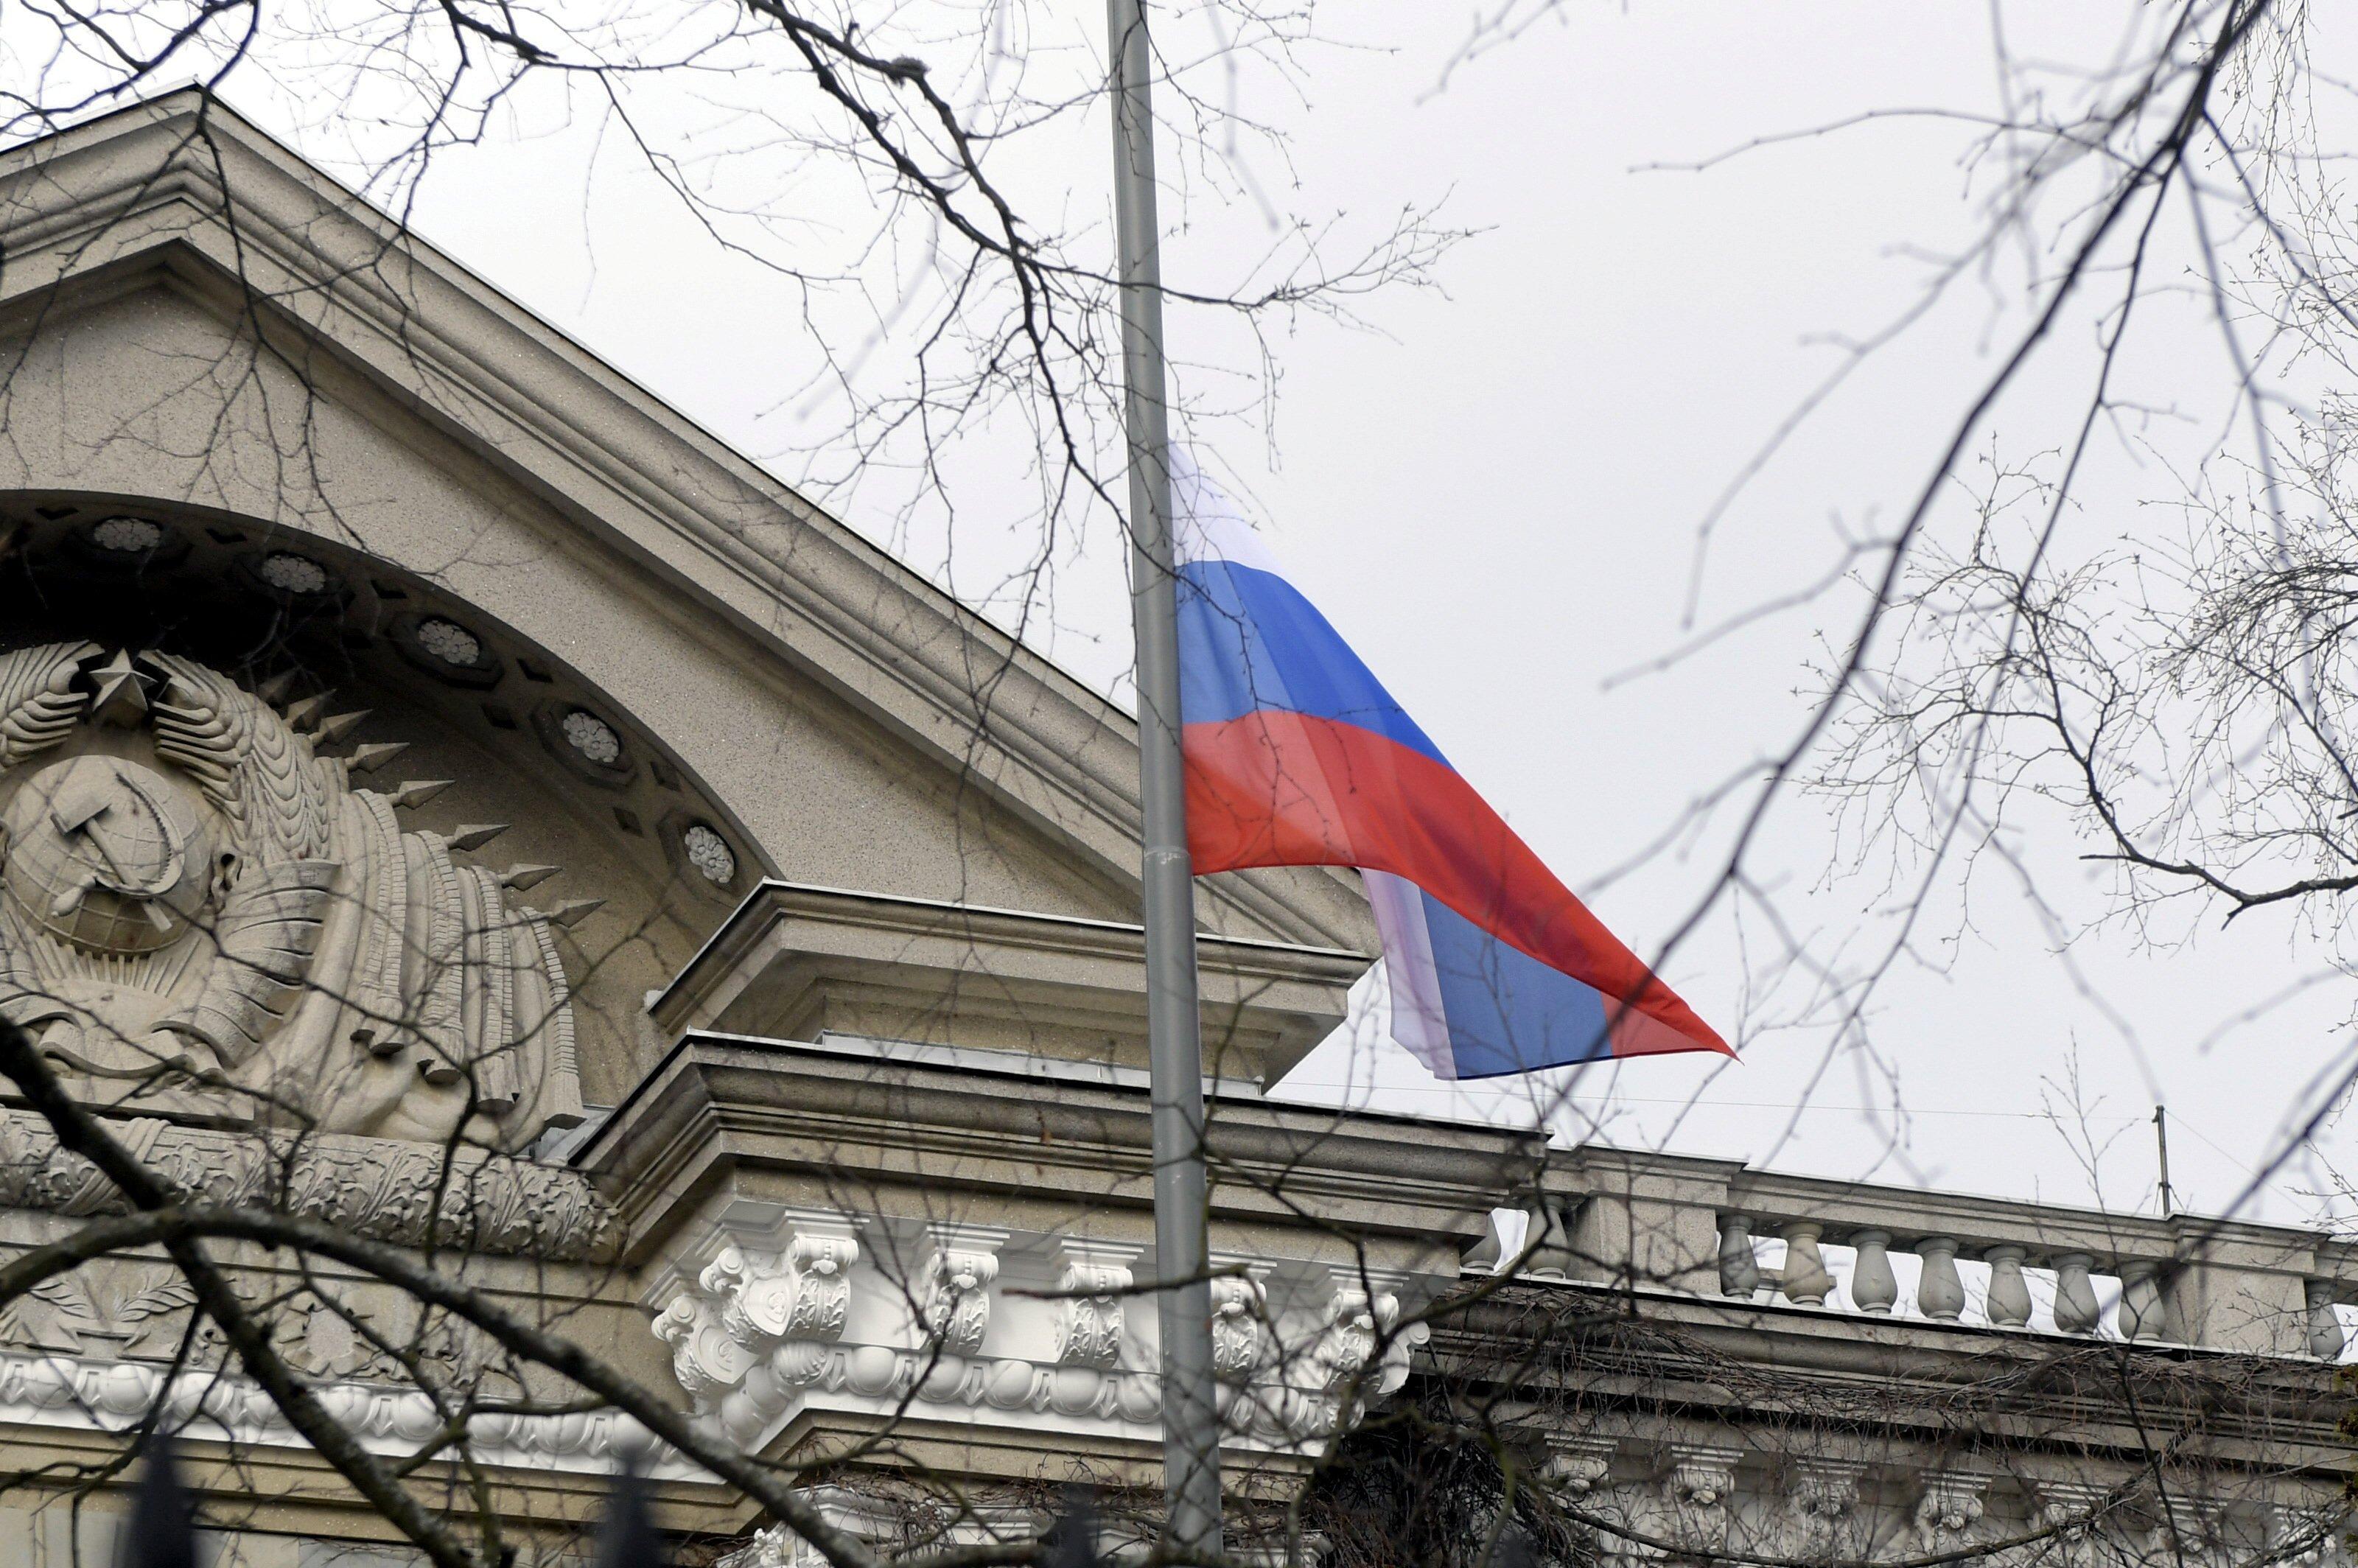 Минобороны сейчас не видит возможности нападения РФ на южную часть Украины, сообщил Андрей Загороднюк - Россия - Украина война